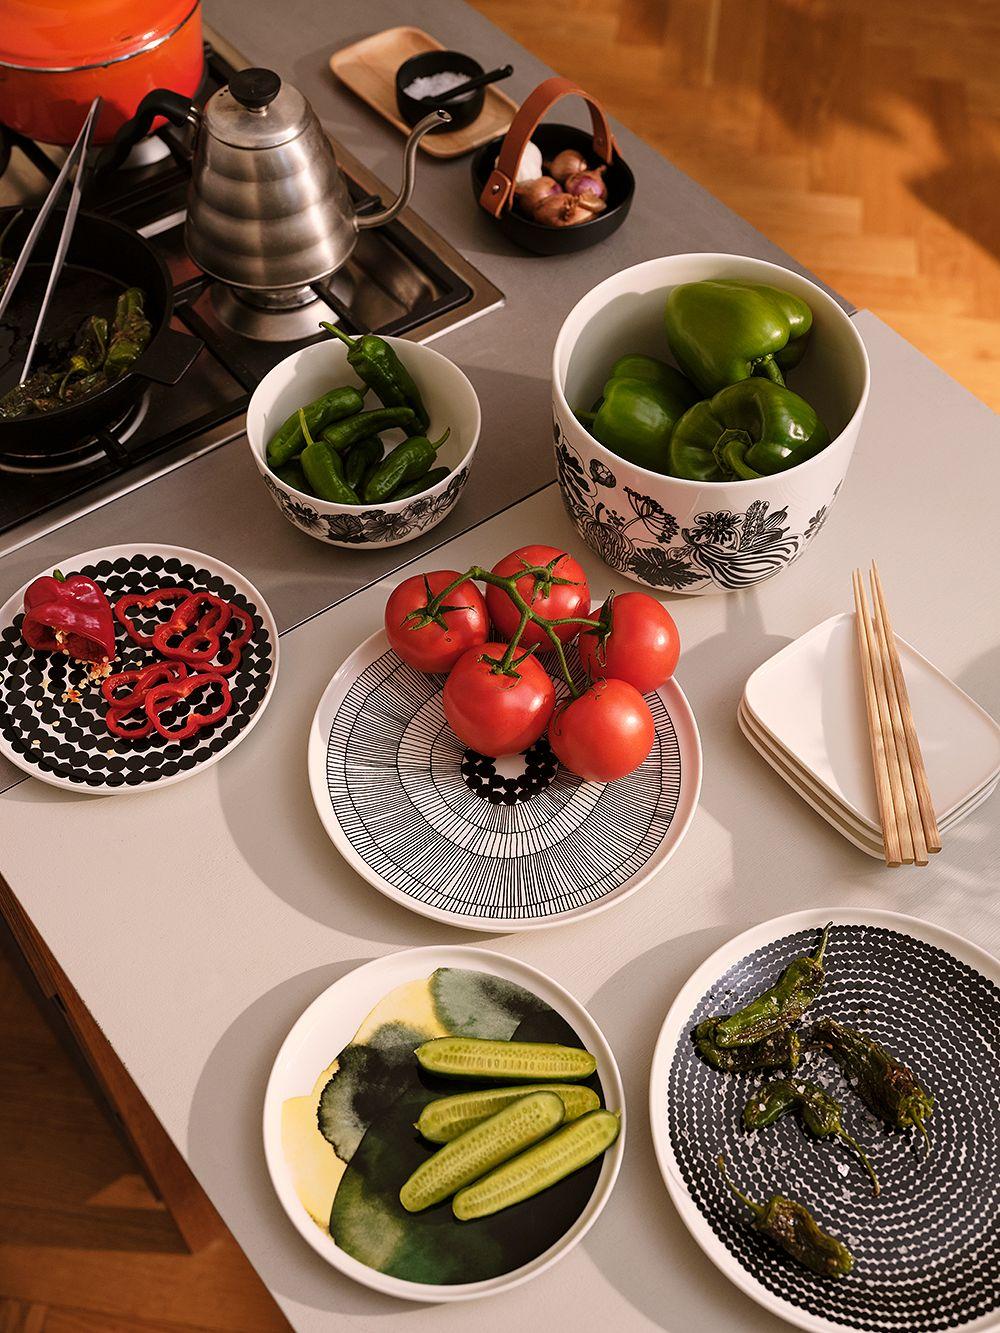 Marimekko Oiva tableware